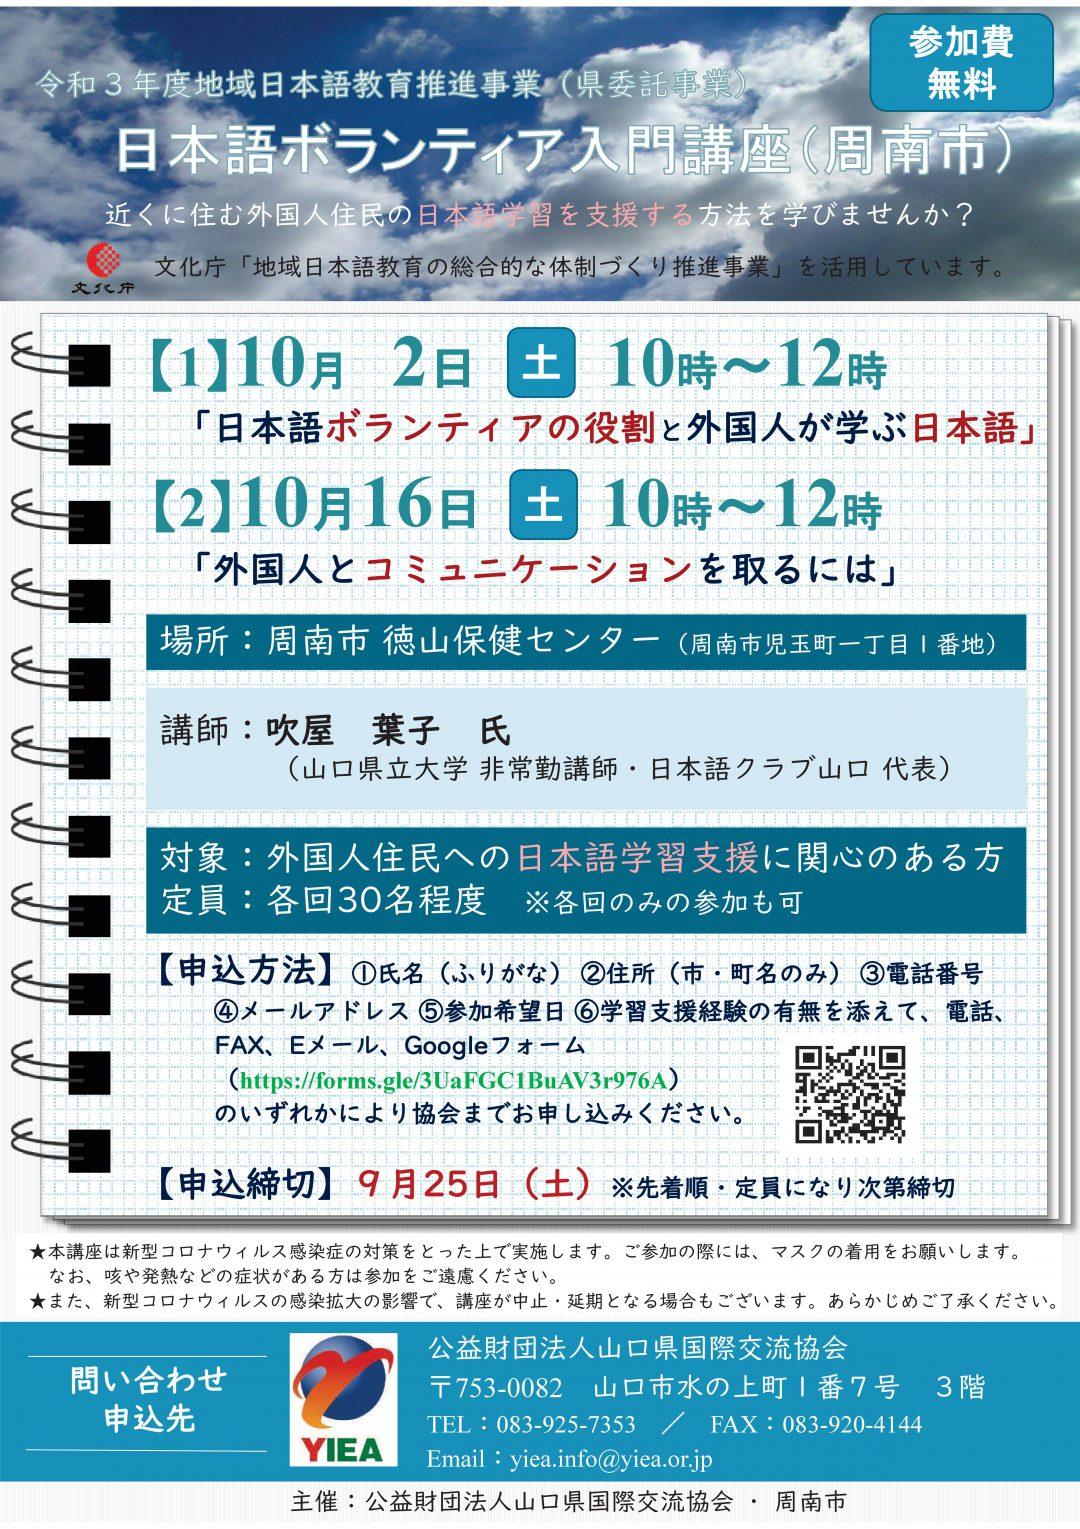 画像:令和3年度地域日本語教育推進事業(県委託事業)「日本語ボランティア入門講座(周南市)」(10/2・10/16)を開催します♪ ※定員に達したため、申し込み受付を締め切りました